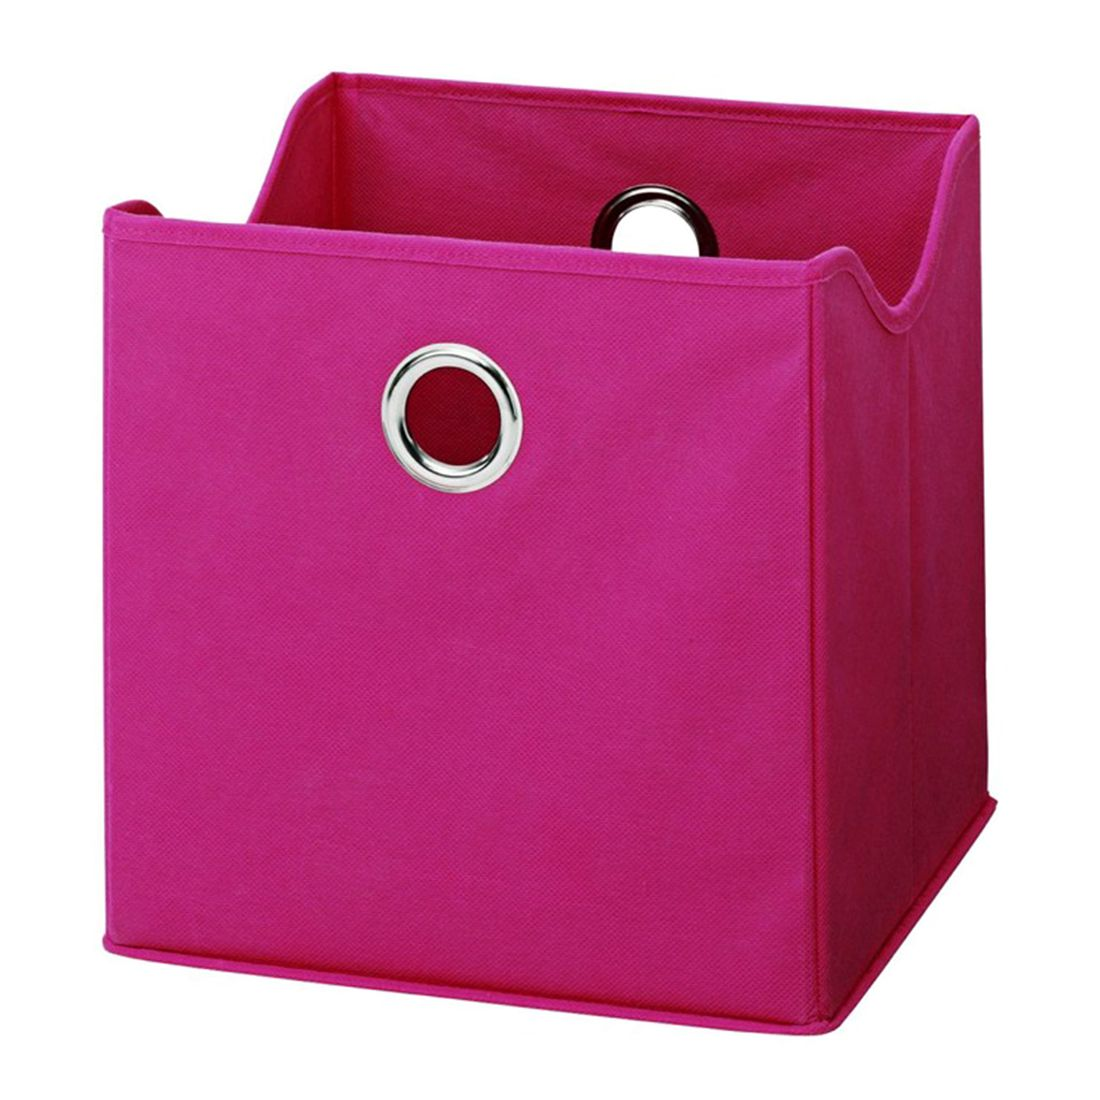 Aufbewahrungsbox Combee (9 Stk.) – Pink, Kids Club Collection günstig